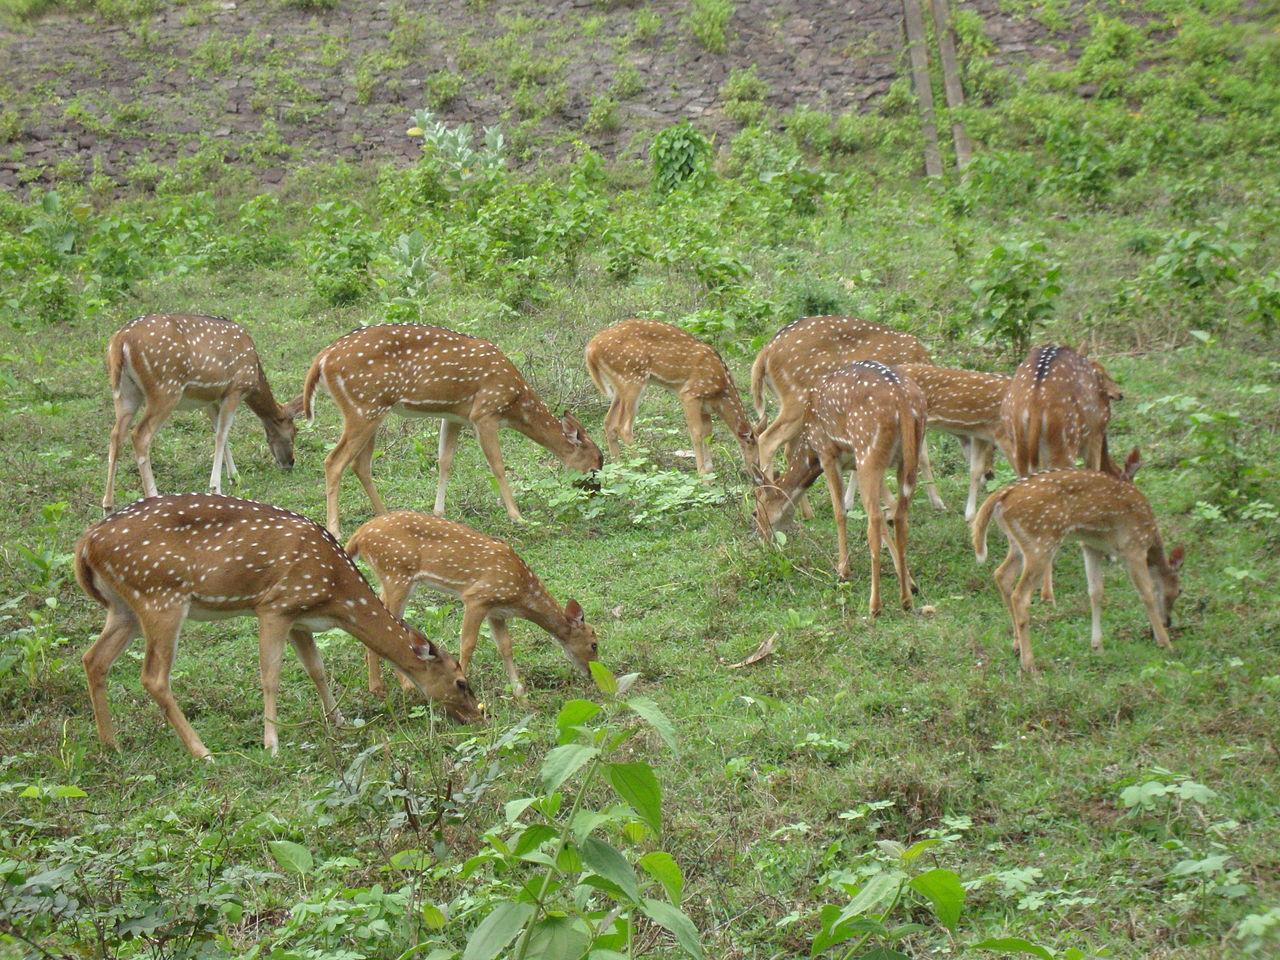 Mrugavani National Park in Telangana